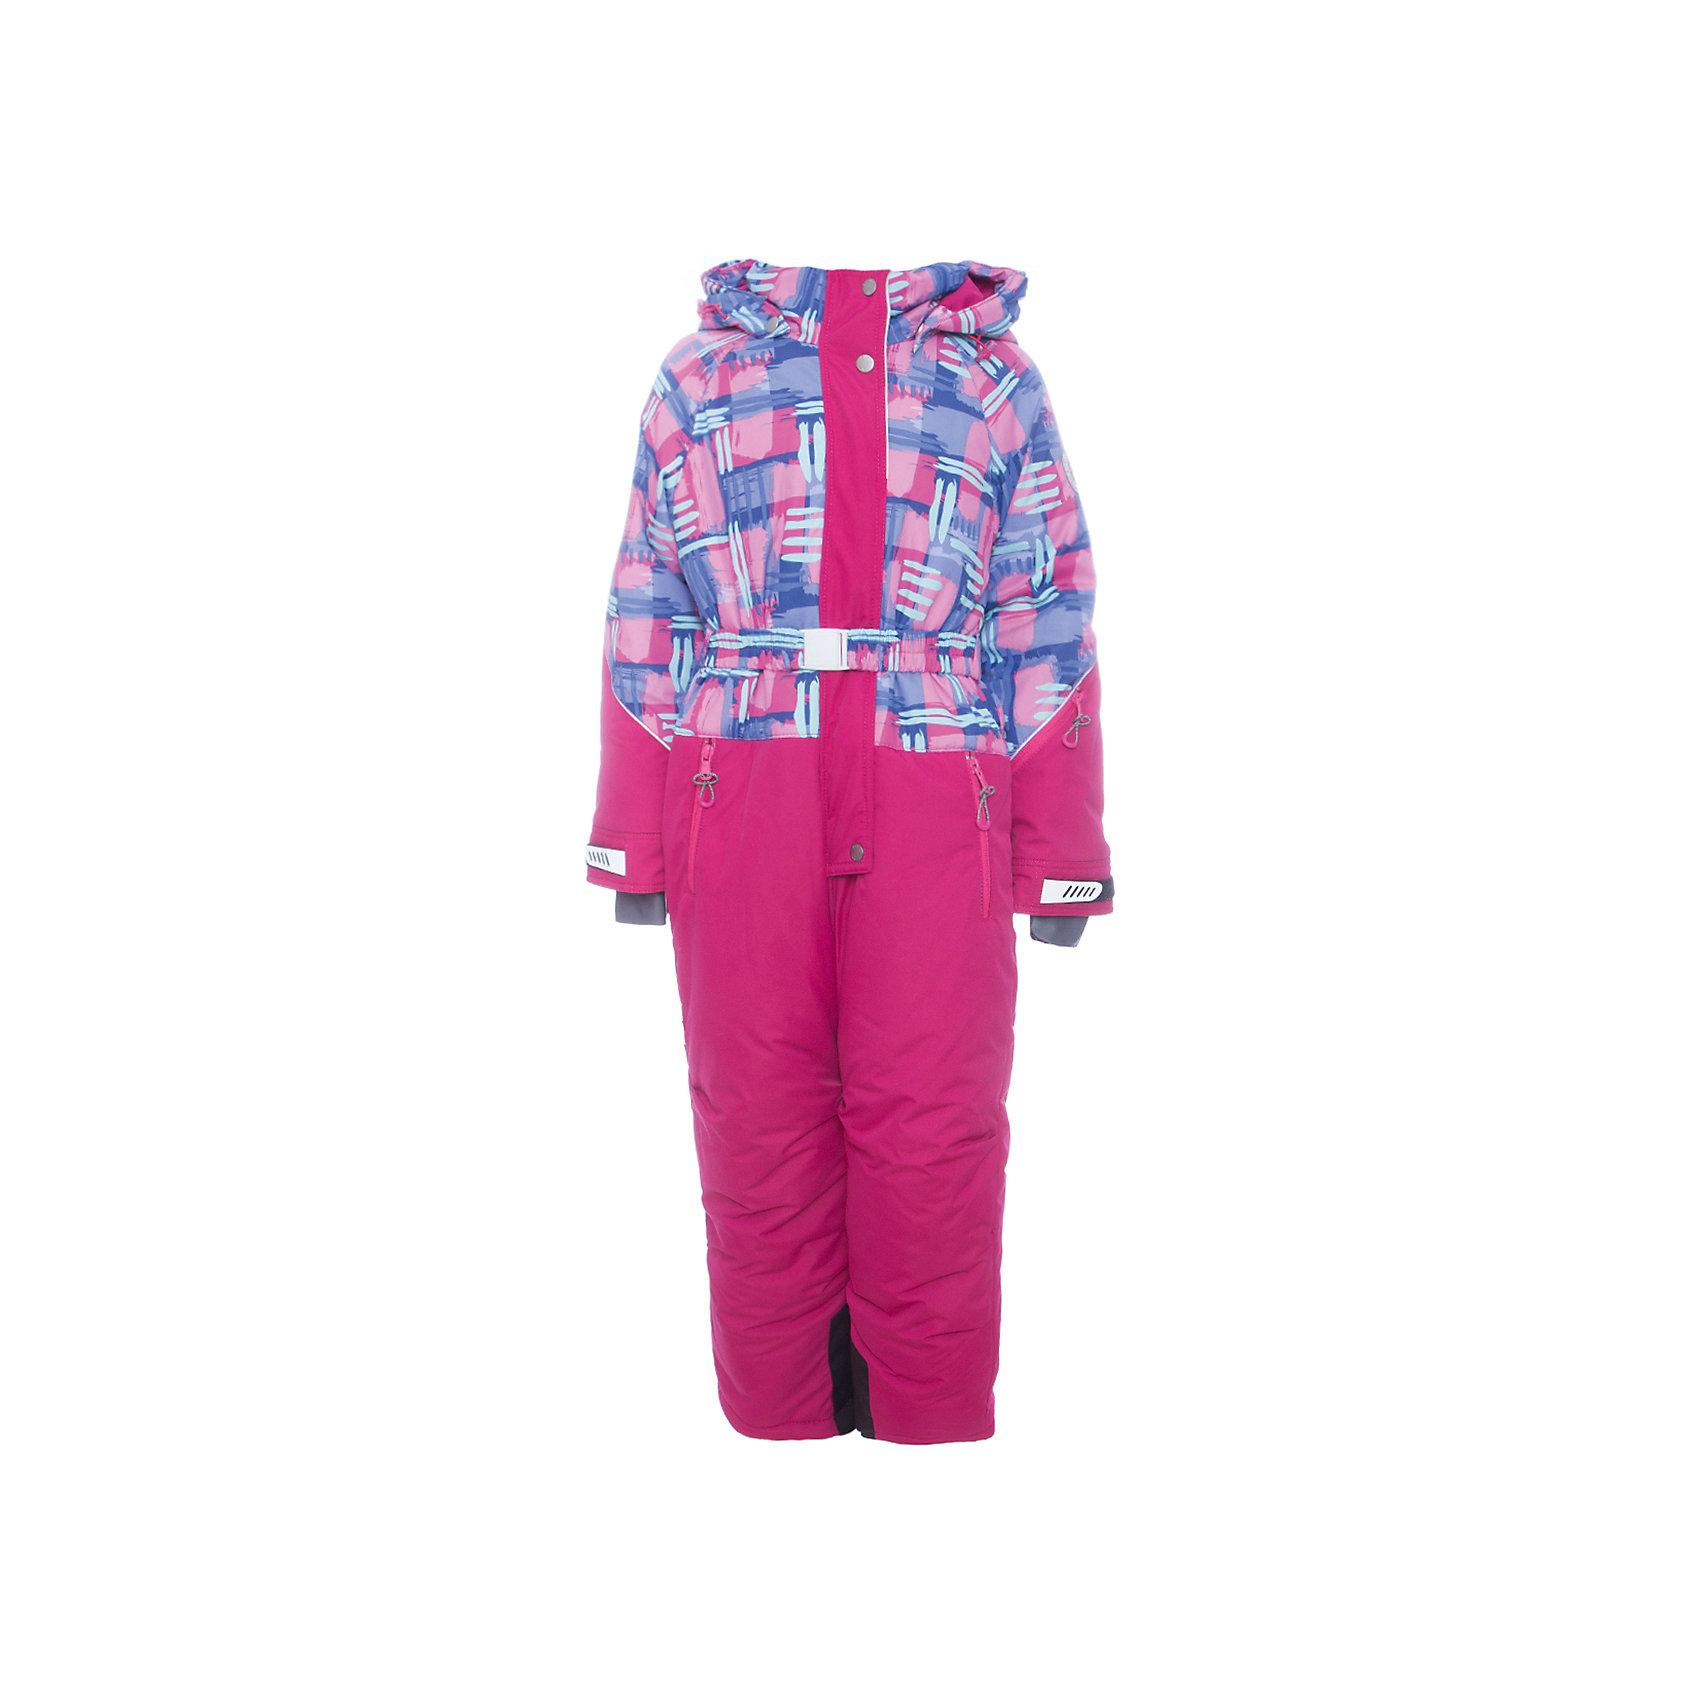 Комбинезон Надя Batik для девочкиВерхняя одежда<br>Характеристики товара:<br><br>• цвет: розовый<br>• состав ткани: таслан<br>• подкладка: поларфлис<br>• утеплитель: слайтекс<br>• сезон: зима<br>• мембранное покрытие<br>• температурный режим: от -35 до 0<br>• водонепроницаемость: 5000 мм <br>• паропроницаемость: 5000 г/м2<br>• плотность утеплителя: 300 г/м2<br>• застежка: молния<br>• капюшон: съемный, без меха<br>• краги<br>• износостойкие вставки на брючинах<br>• страна бренда: Россия<br>• страна изготовитель: Россия<br><br>Материал детского комбинезона надежно защитит от непогоды и мороза благодаря мембранной технологии и качественному утеплителю. Подкладка зимнего комбинезона для девочки сделана из мягкого поларфлис. Детский зимний комбинезон дополнен капюшоном, плясом и удобной молнией с ветрозащитной планкой. Детский комбинезон декорирован принтом.<br><br>Комбинезон Надя Batik (Батик) для девочки можно купить в нашем интернет-магазине.<br><br>Ширина мм: 356<br>Глубина мм: 10<br>Высота мм: 245<br>Вес г: 519<br>Цвет: розовый<br>Возраст от месяцев: 48<br>Возраст до месяцев: 60<br>Пол: Женский<br>Возраст: Детский<br>Размер: 110,116,122,104<br>SKU: 7028116